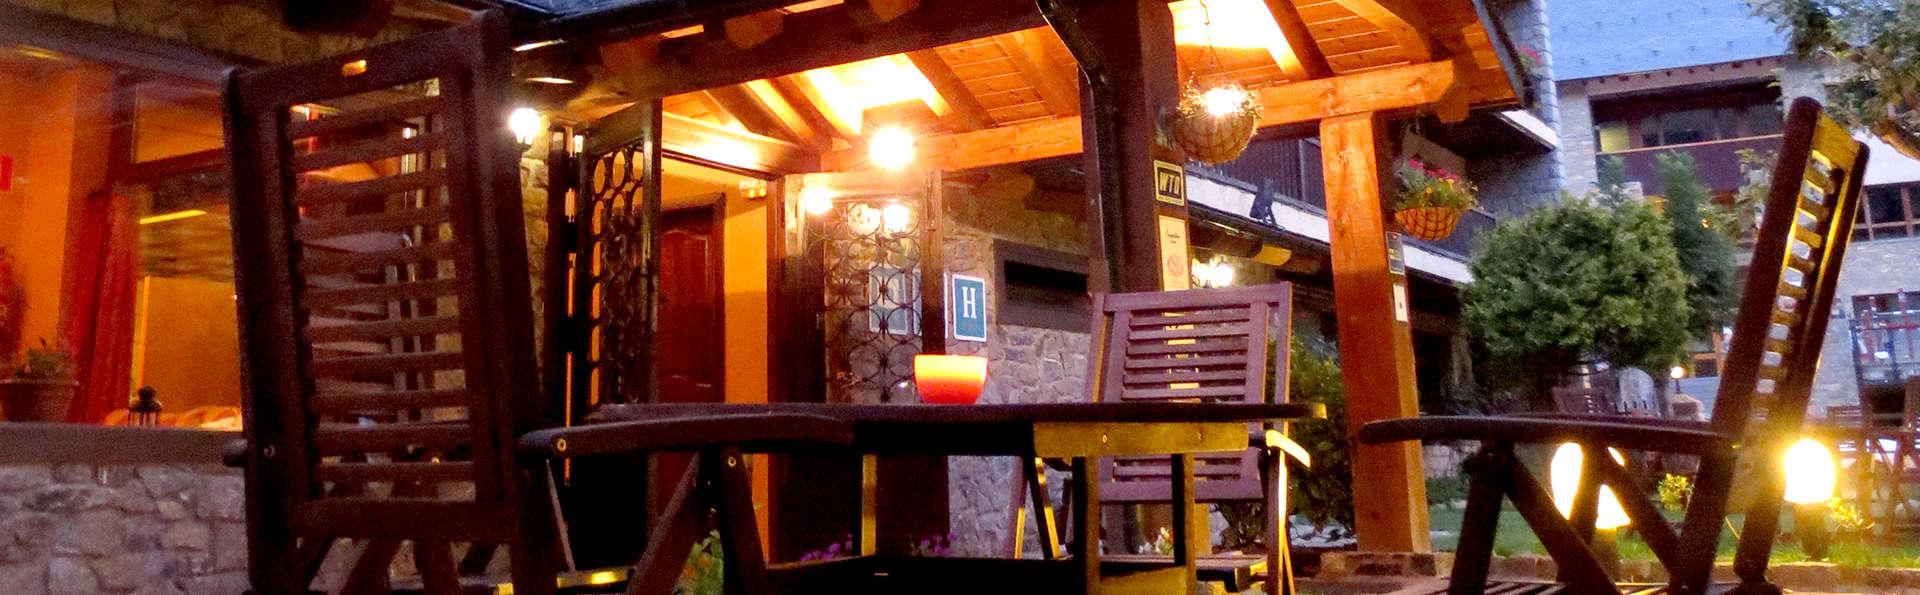 Hotel Saurat  - Edit_Terrace.jpg